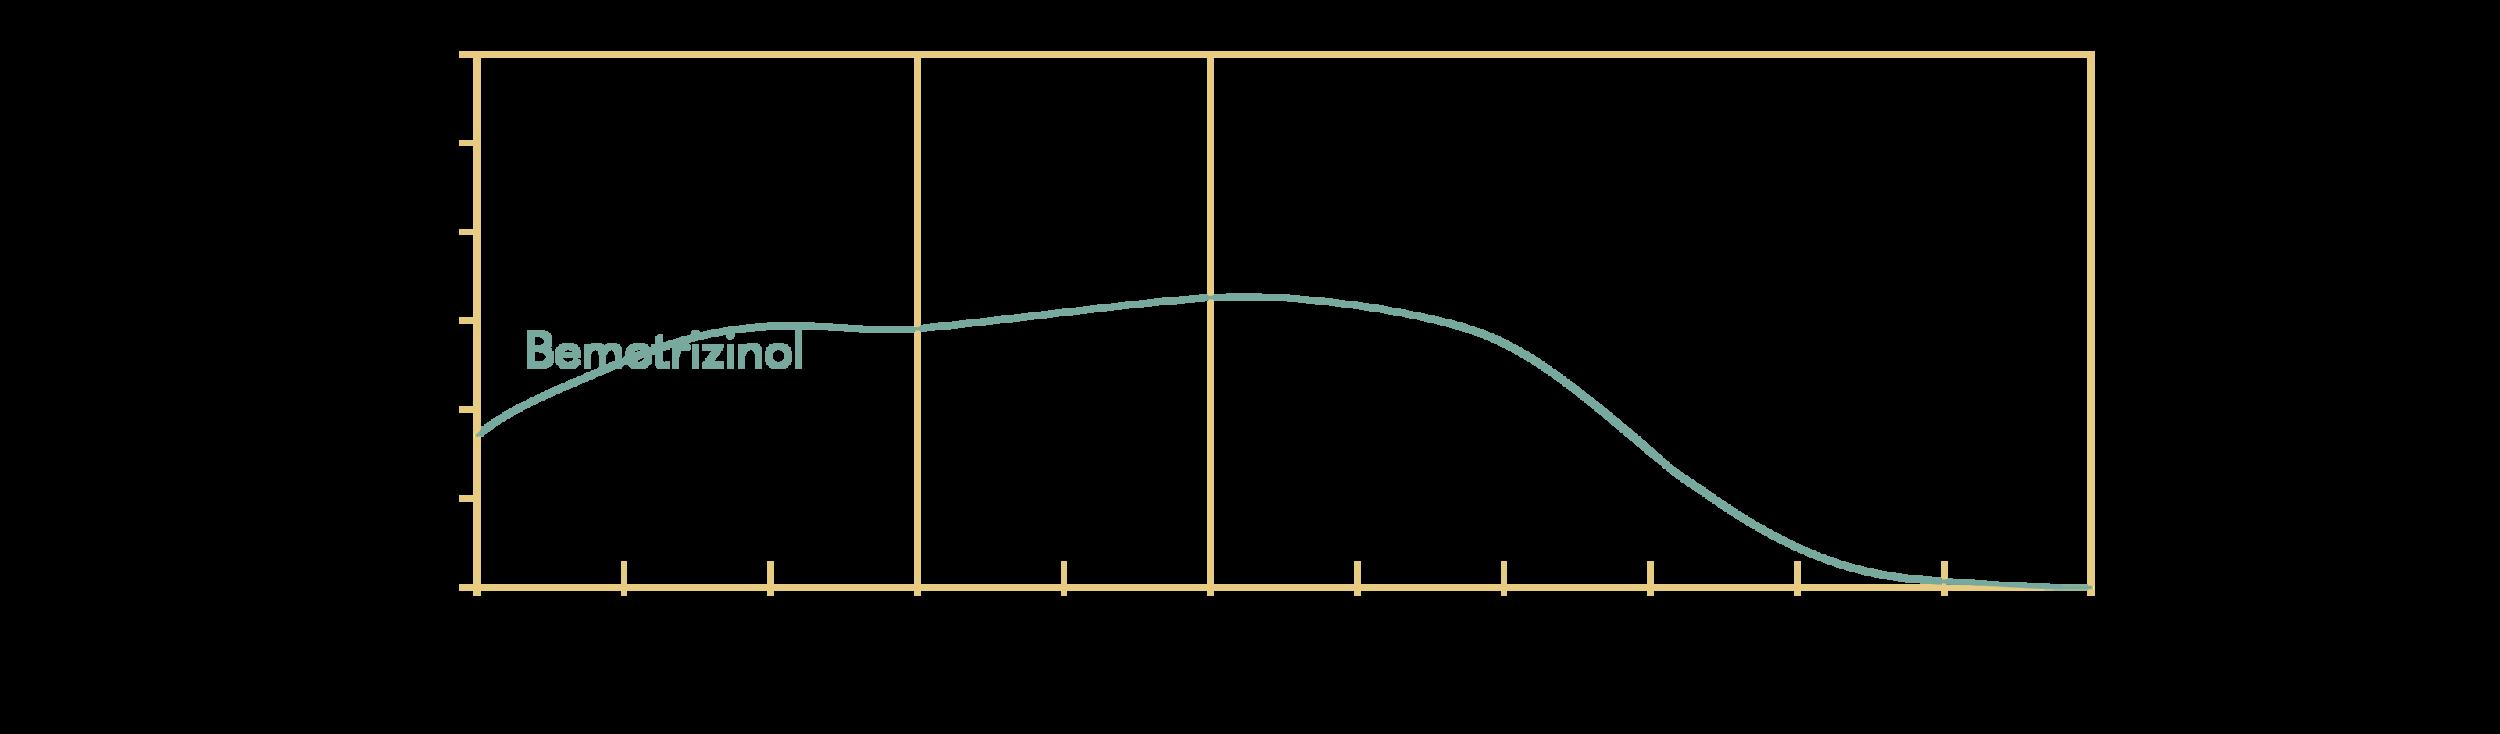 Bemotrizinol; Tinosorb S (BASF); Parsol Shield (DSM); INCI: Bis-Ethylhexyloxyphenol Methoxyphenyl Triazine